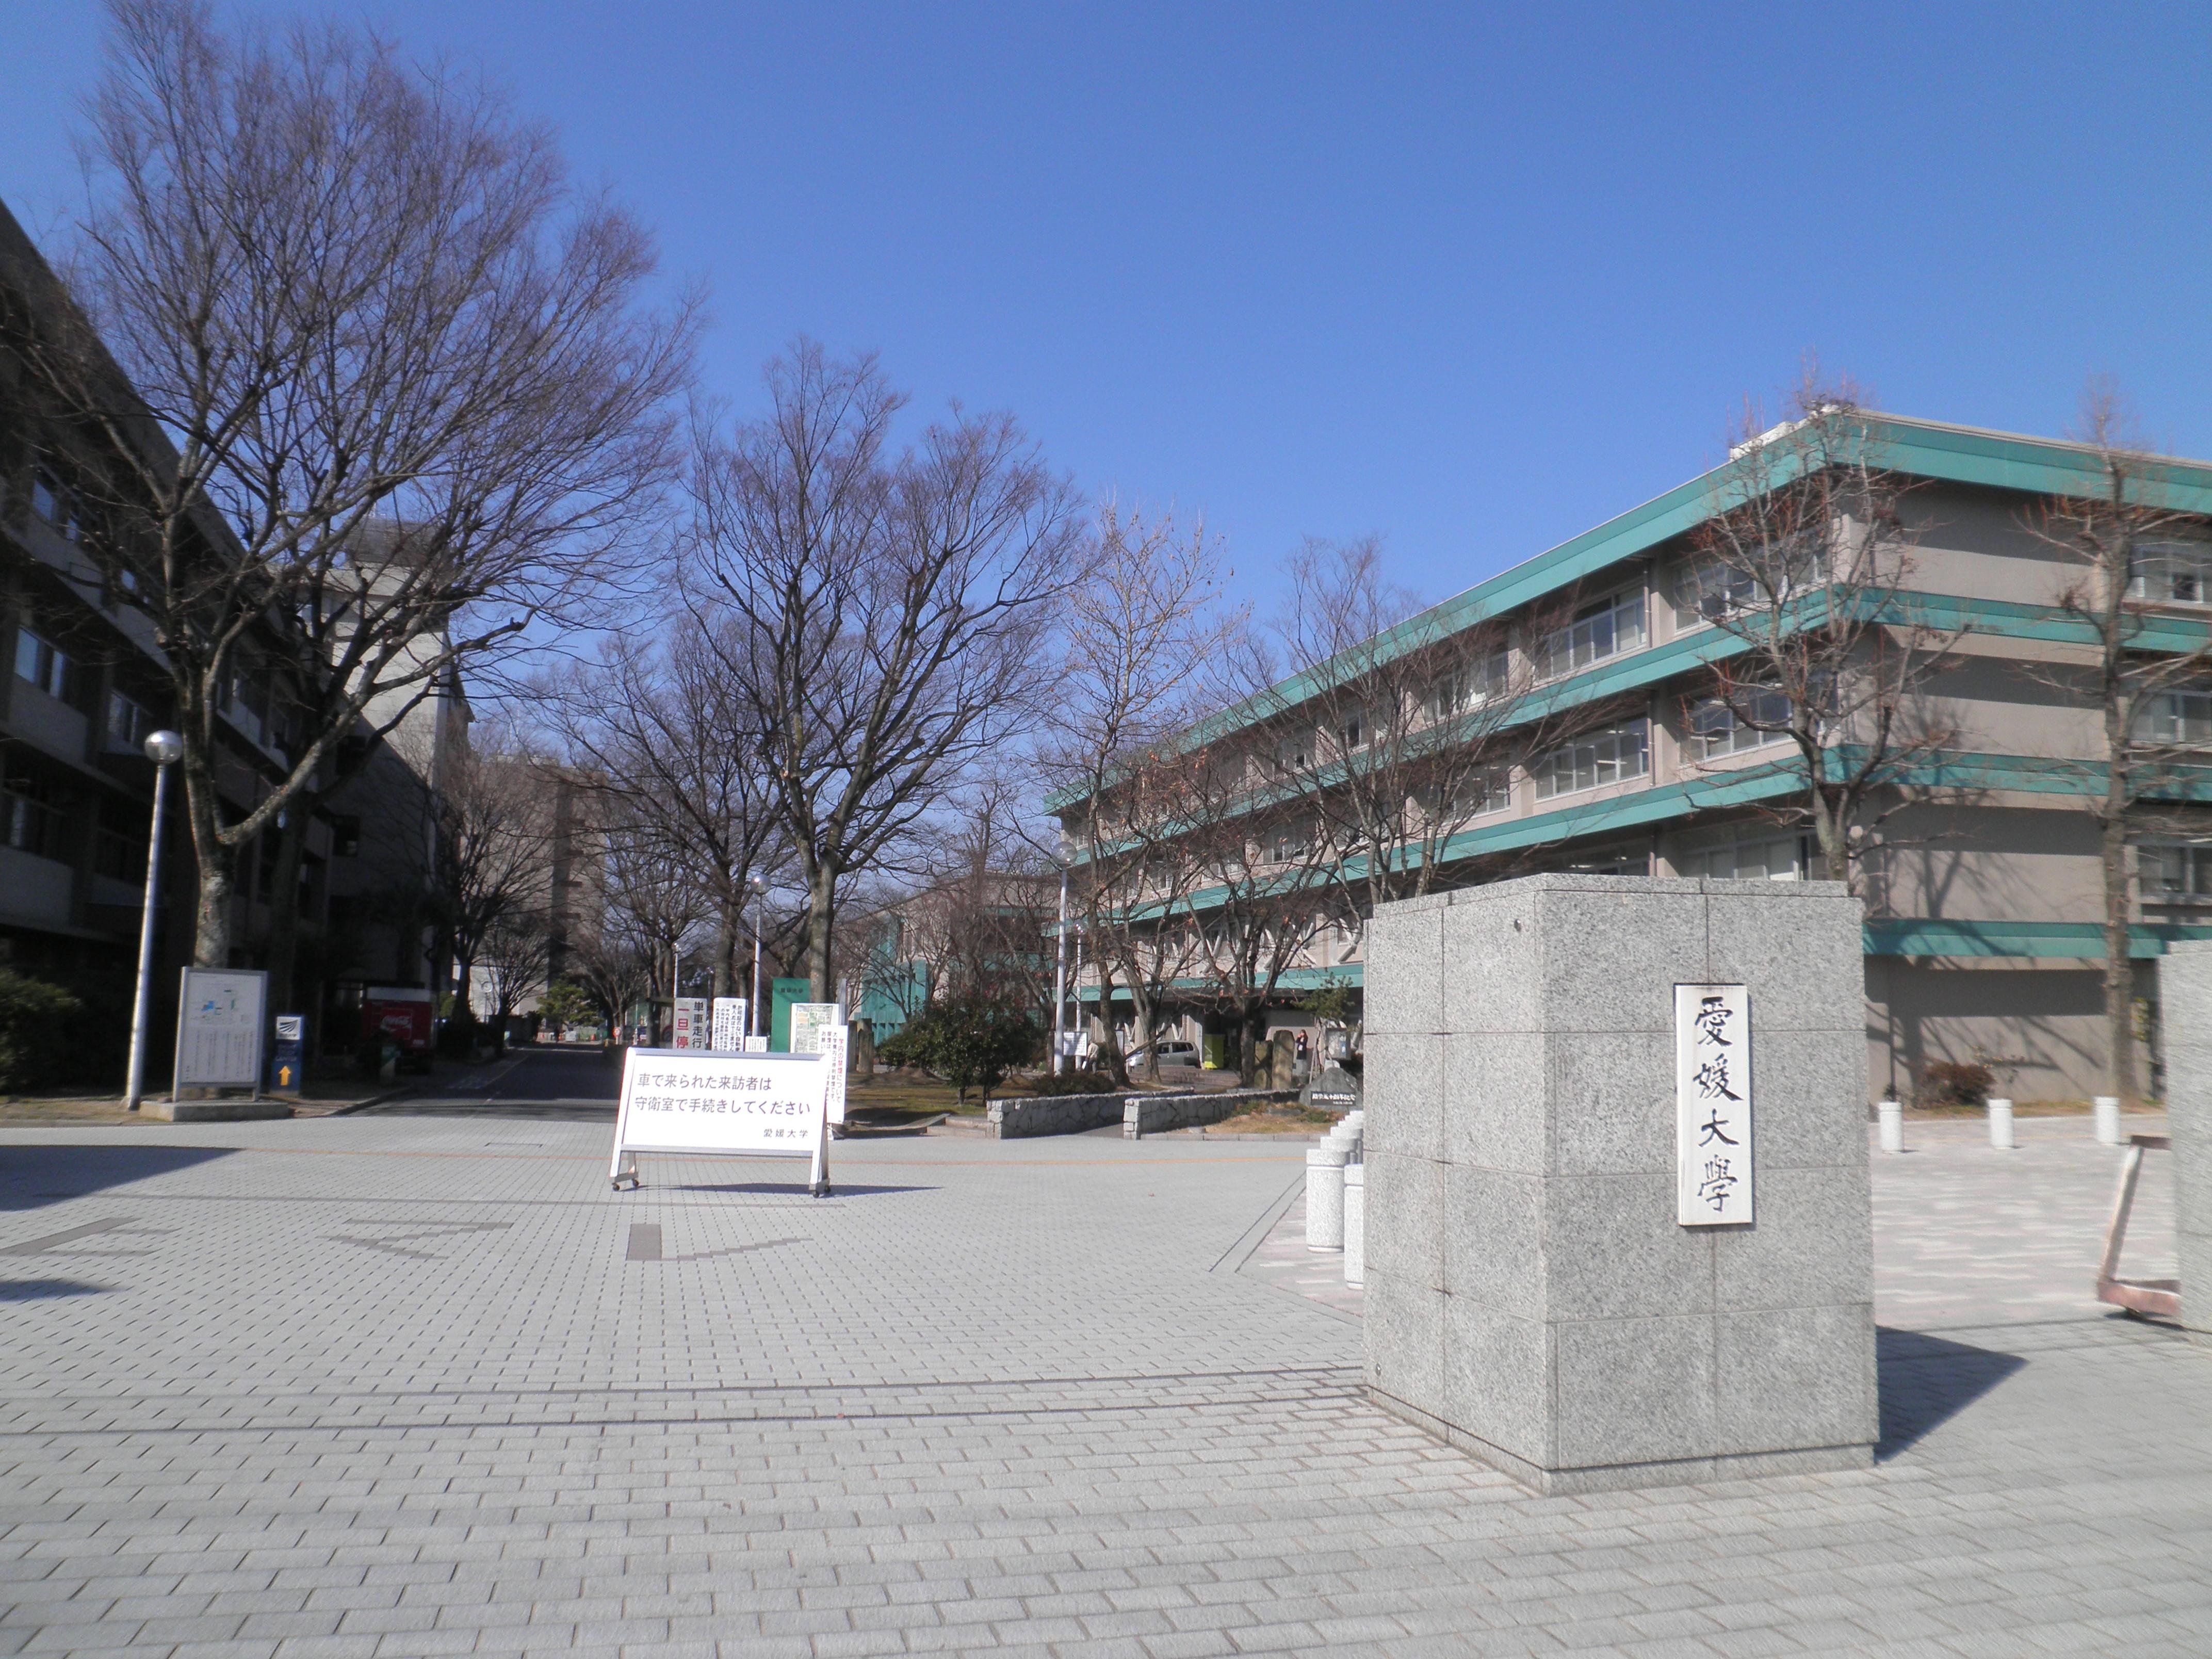 授業 日程 大学 愛媛